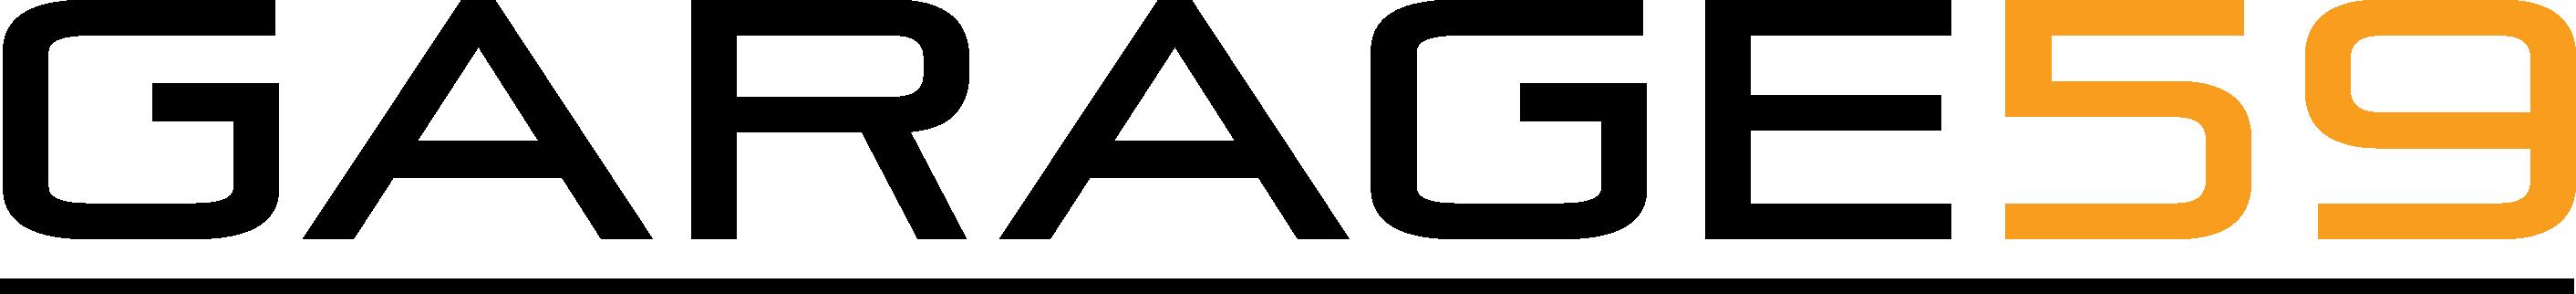 Garage 59 logo